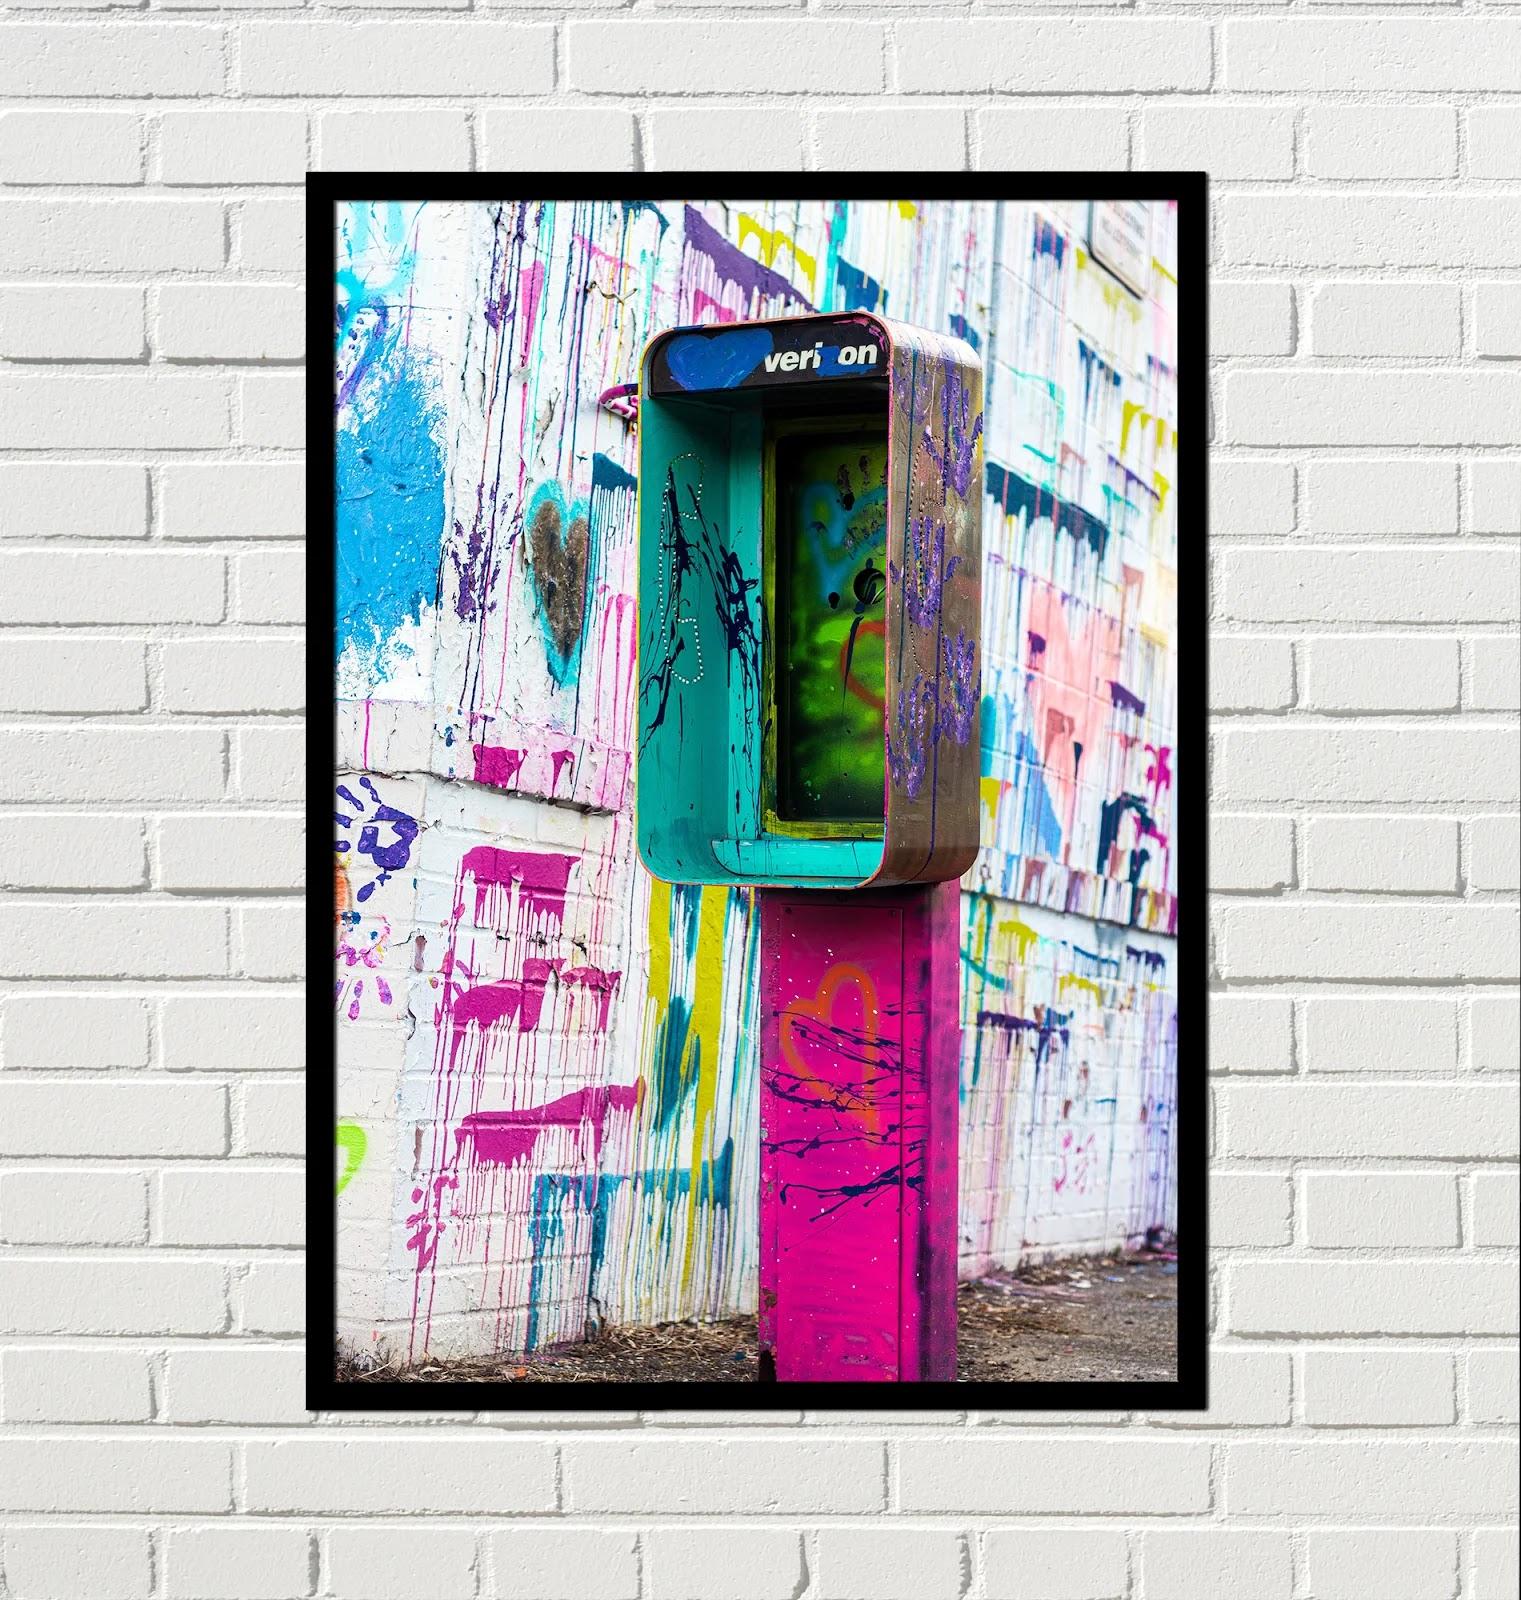 Cuadro Urbano cabina telefonica rosa punk